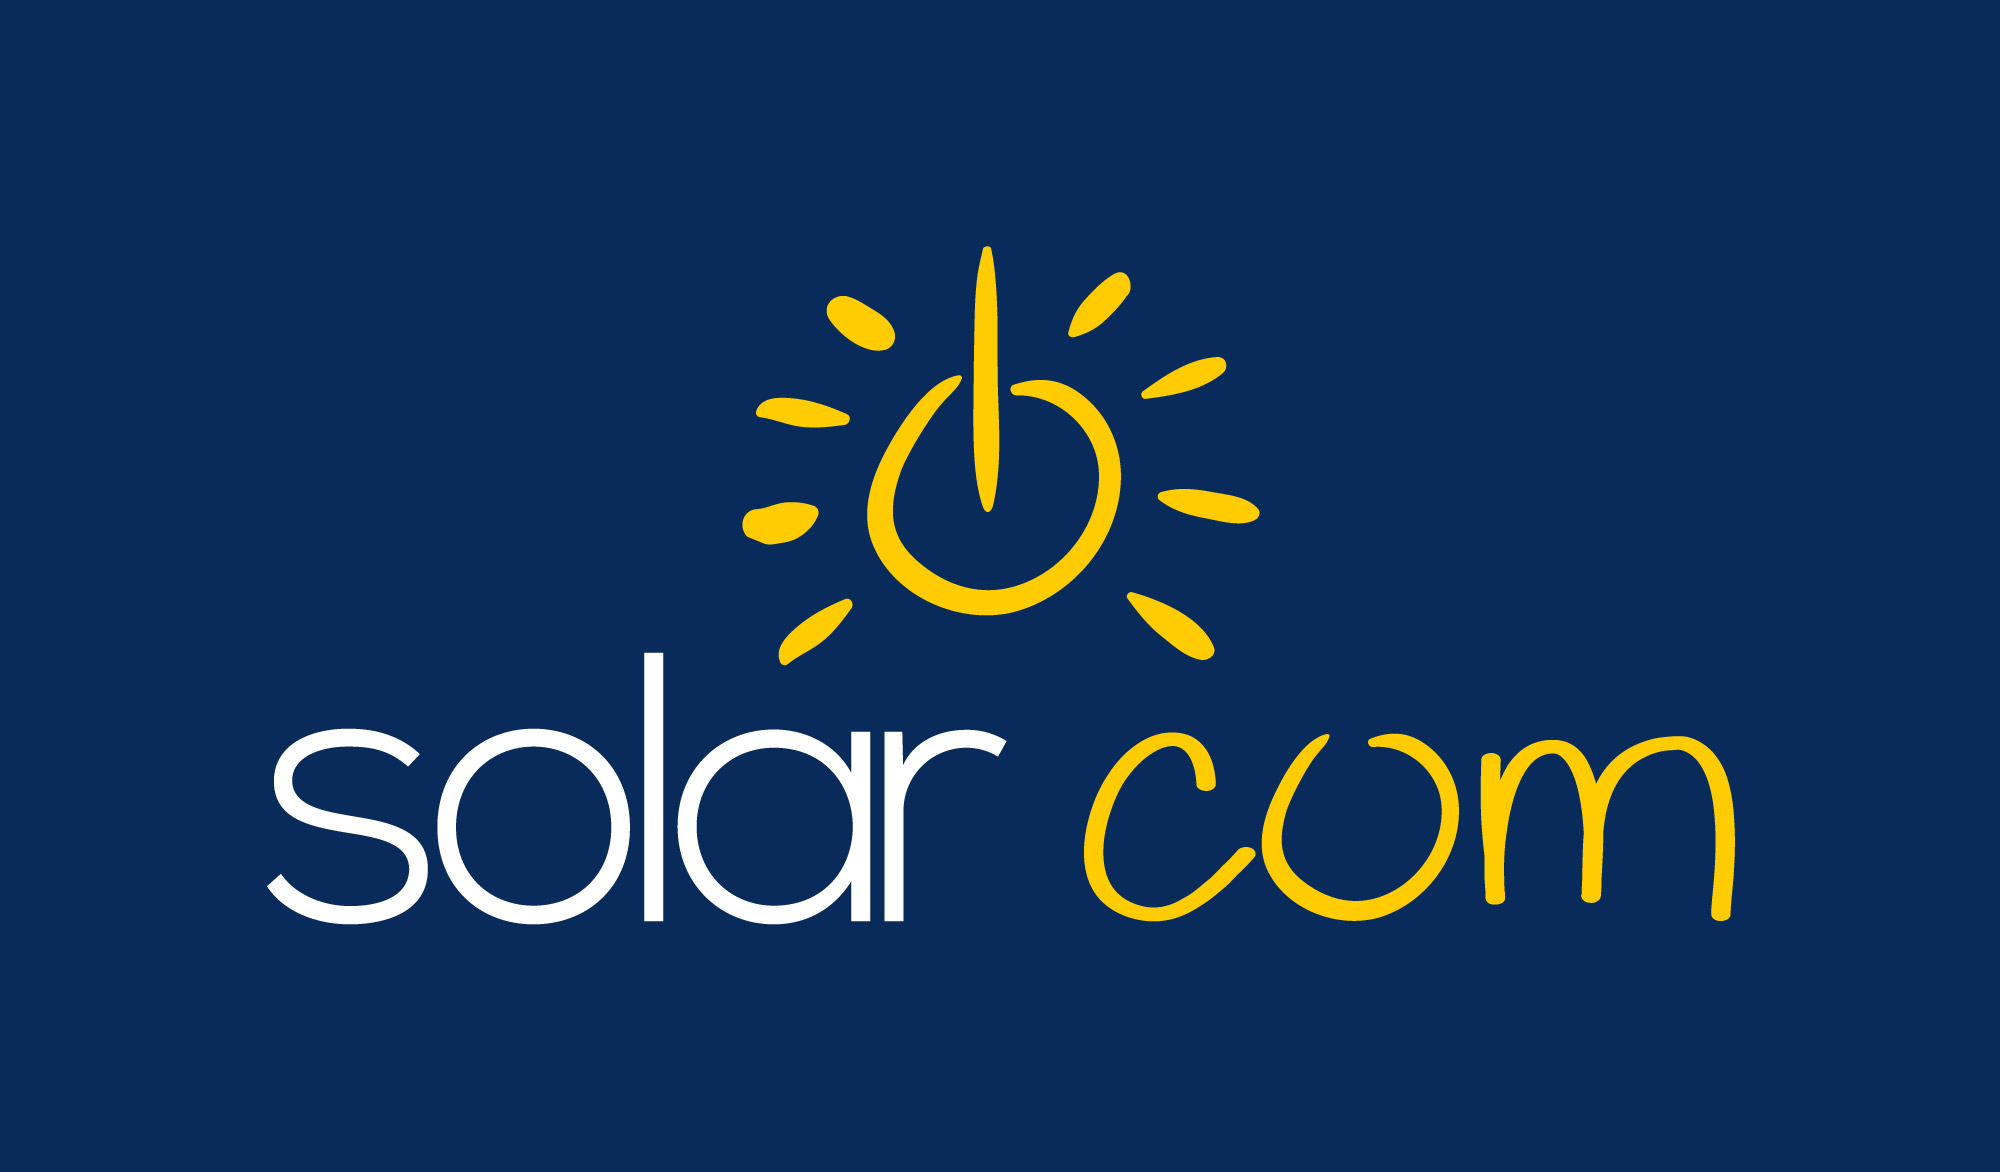 Solar Com